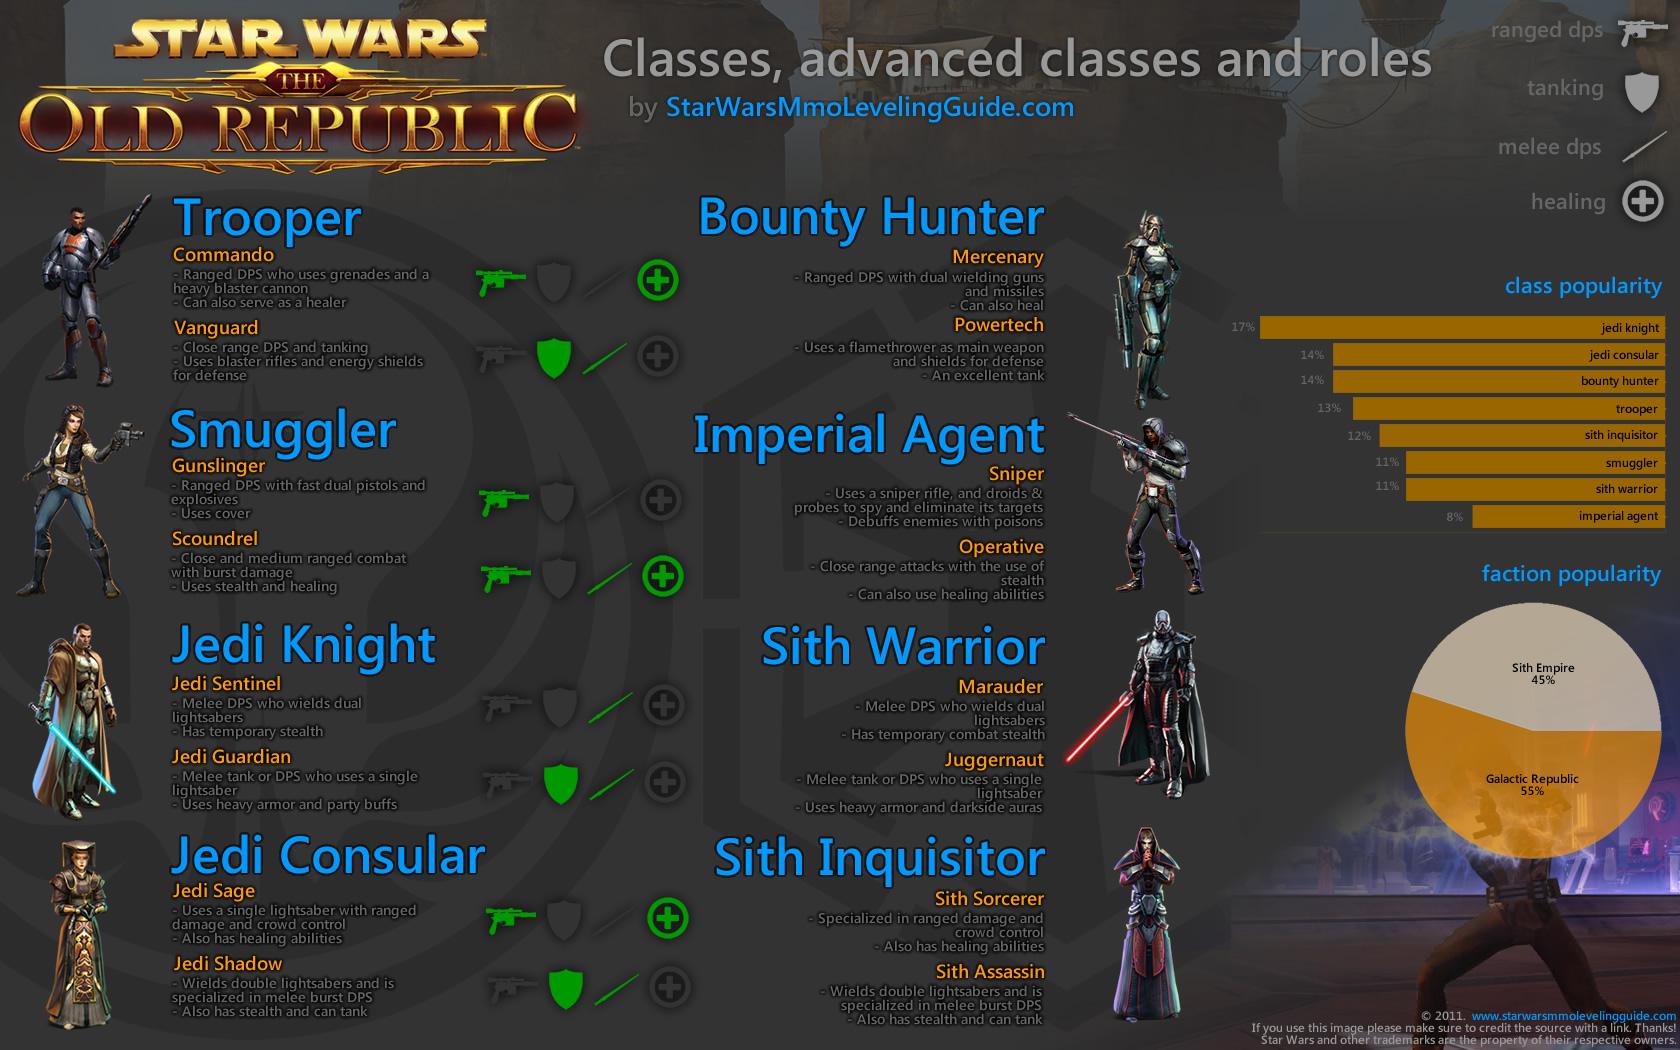 Les classes avancées. Attachment